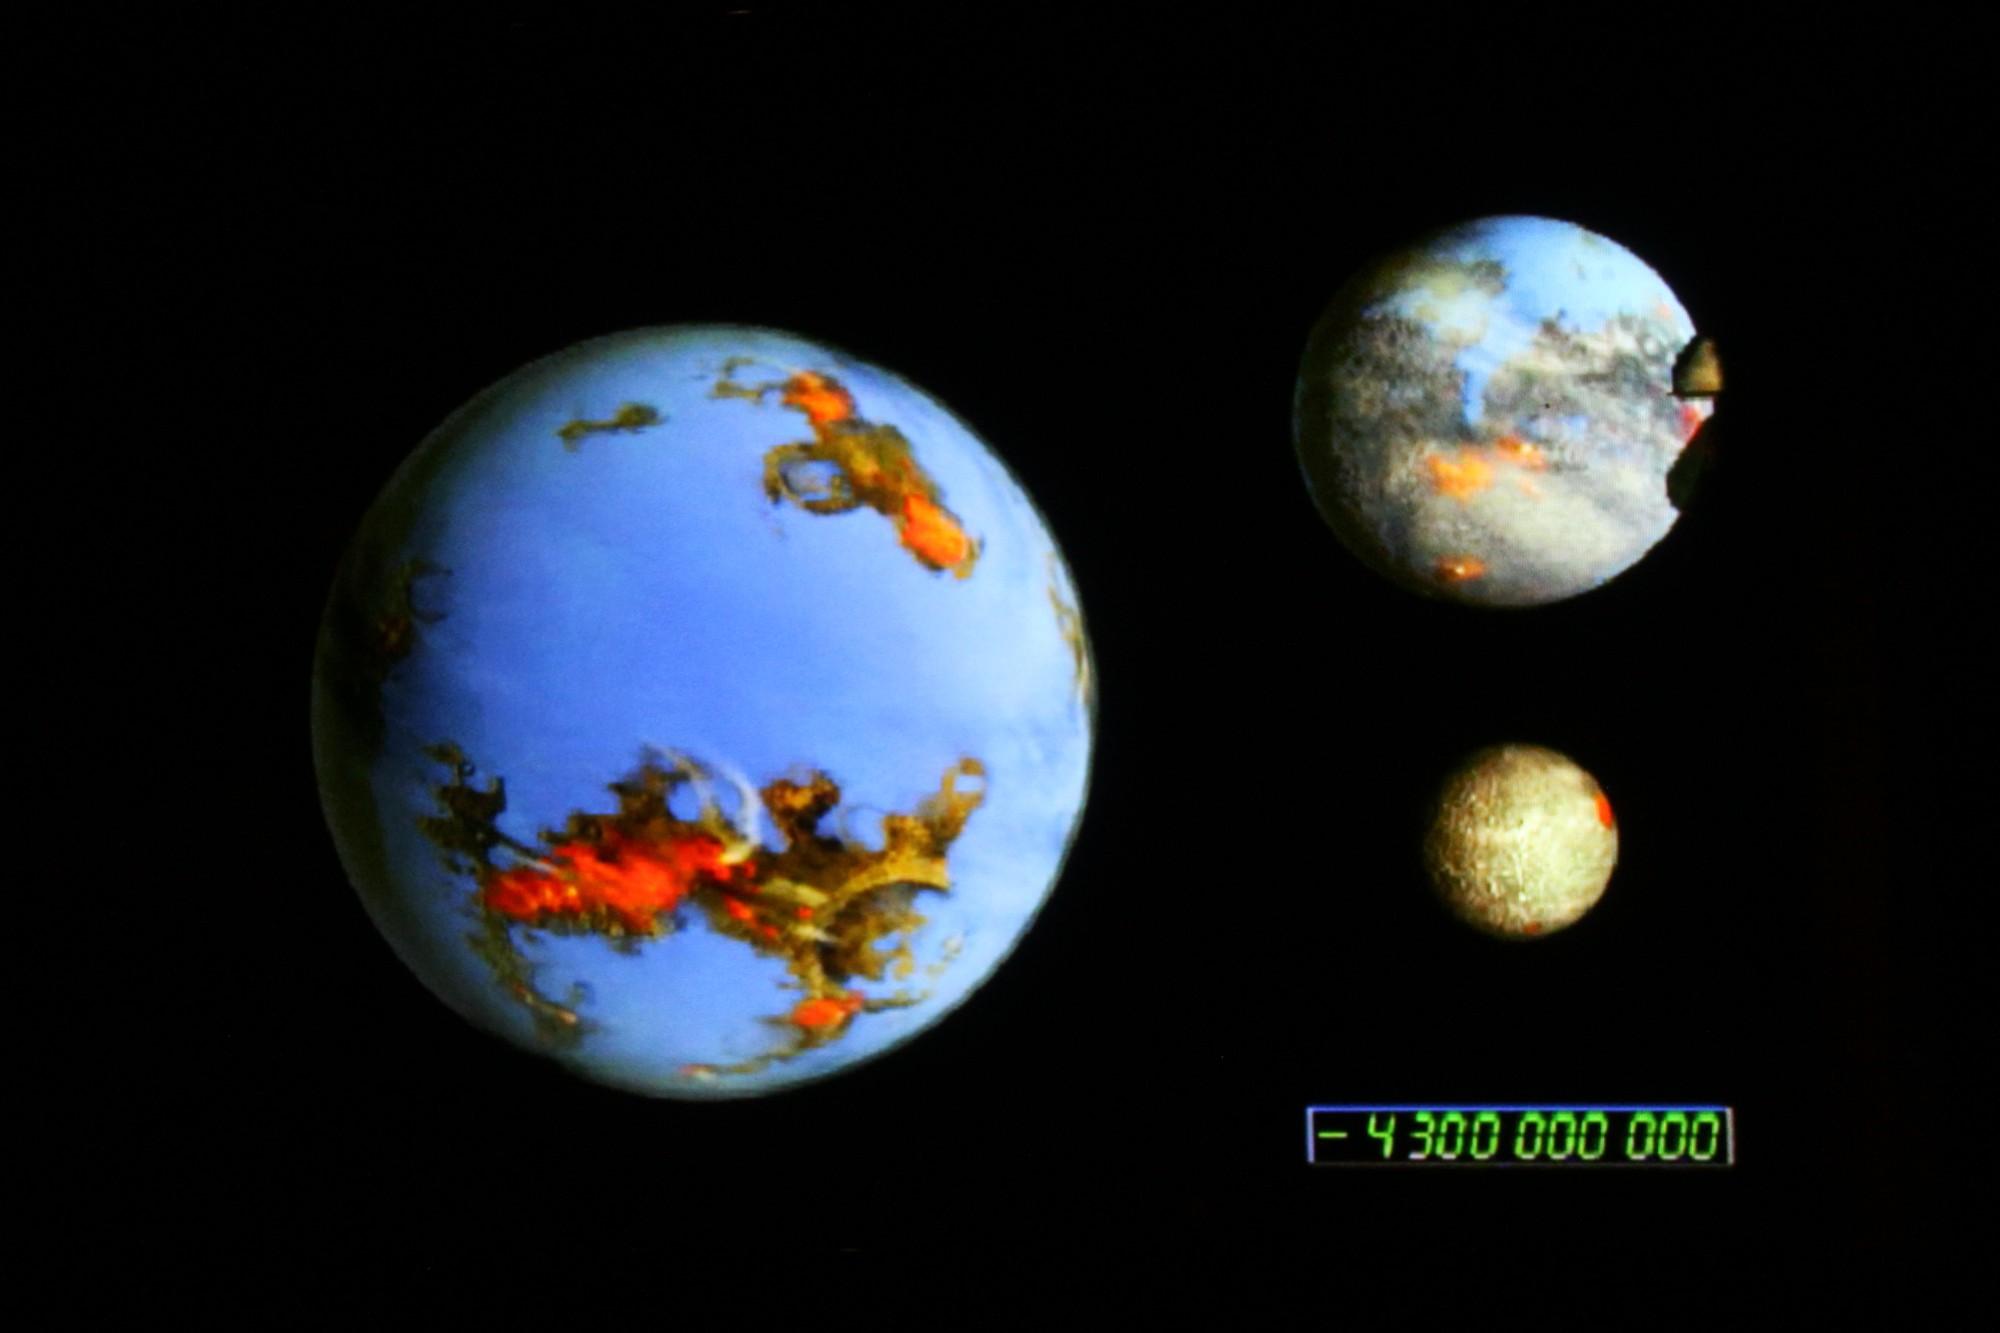 16 02 18 - 16h 33m 25s - explorez mars palais de la découverte r